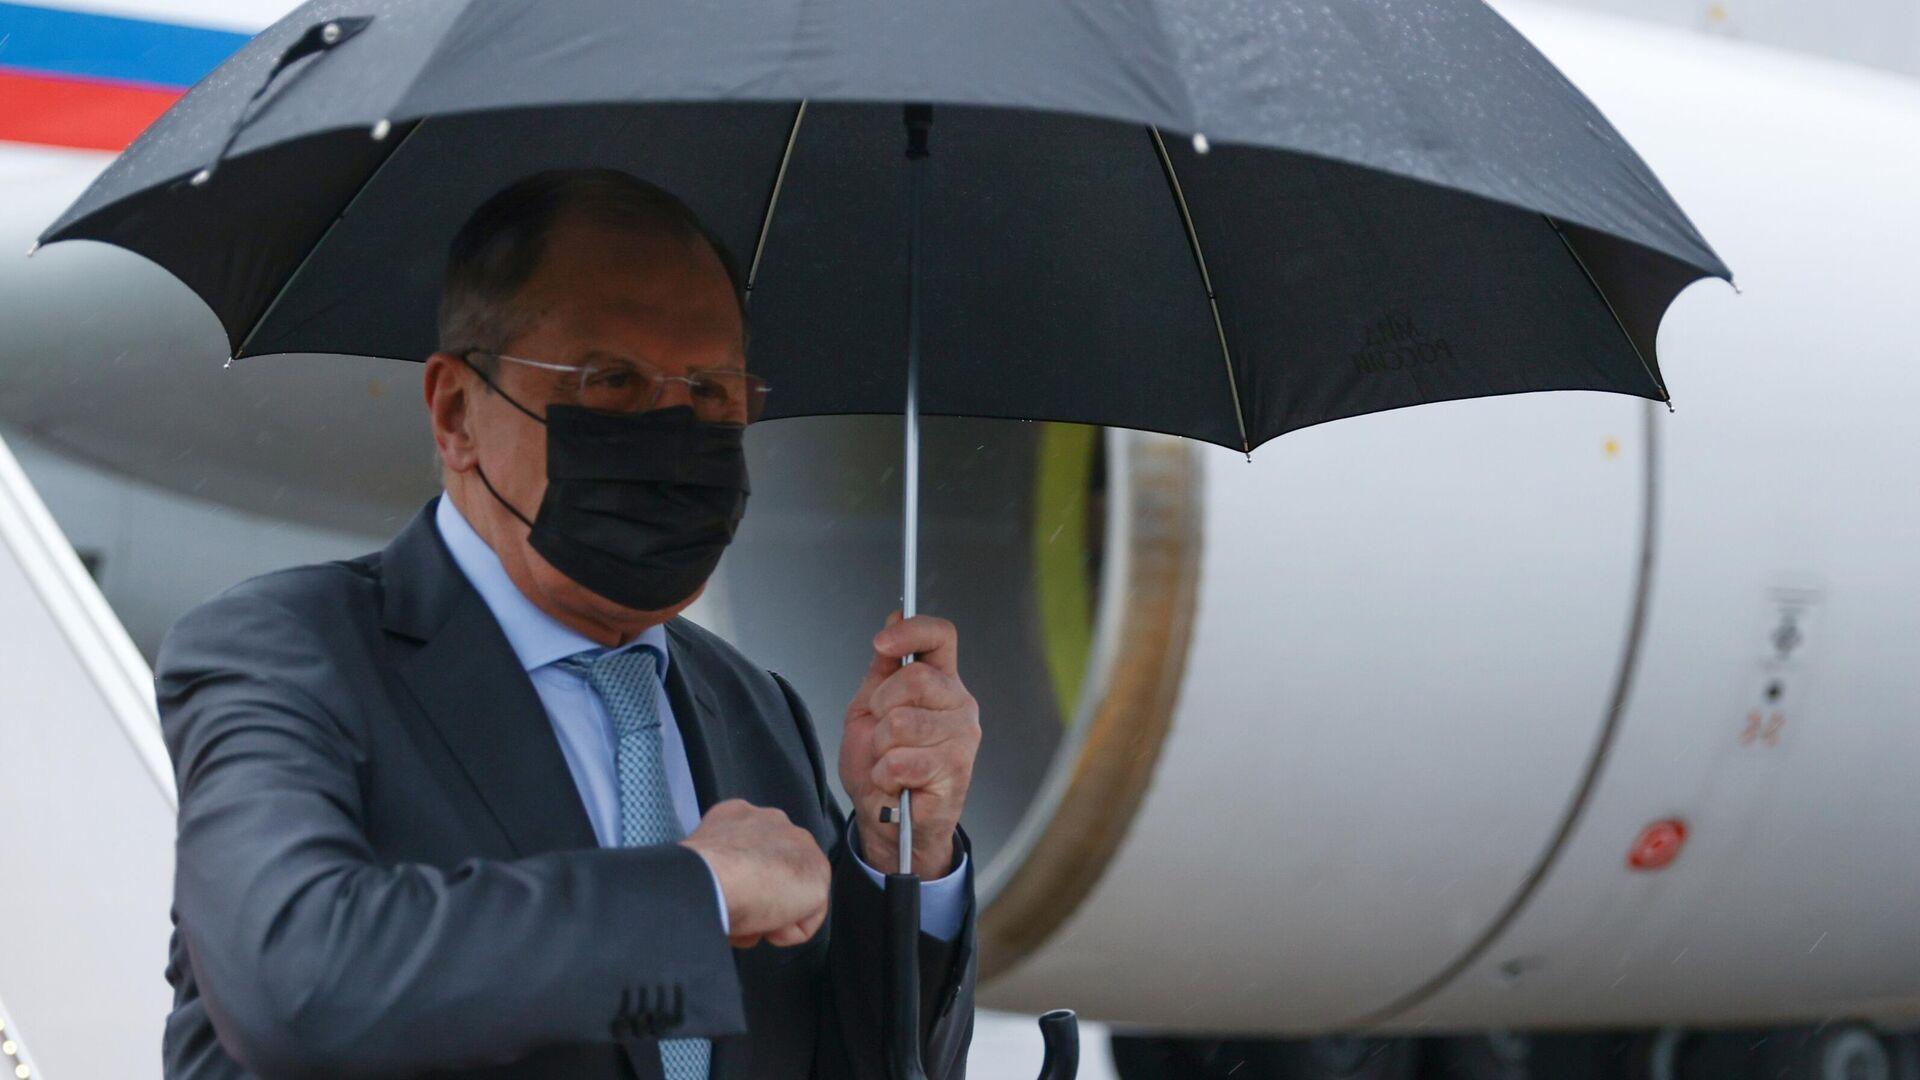 Министр иностранных дел РФ Сергей Лавров во время встречи в аэропорту Исламабада - РИА Новости, 1920, 08.04.2021